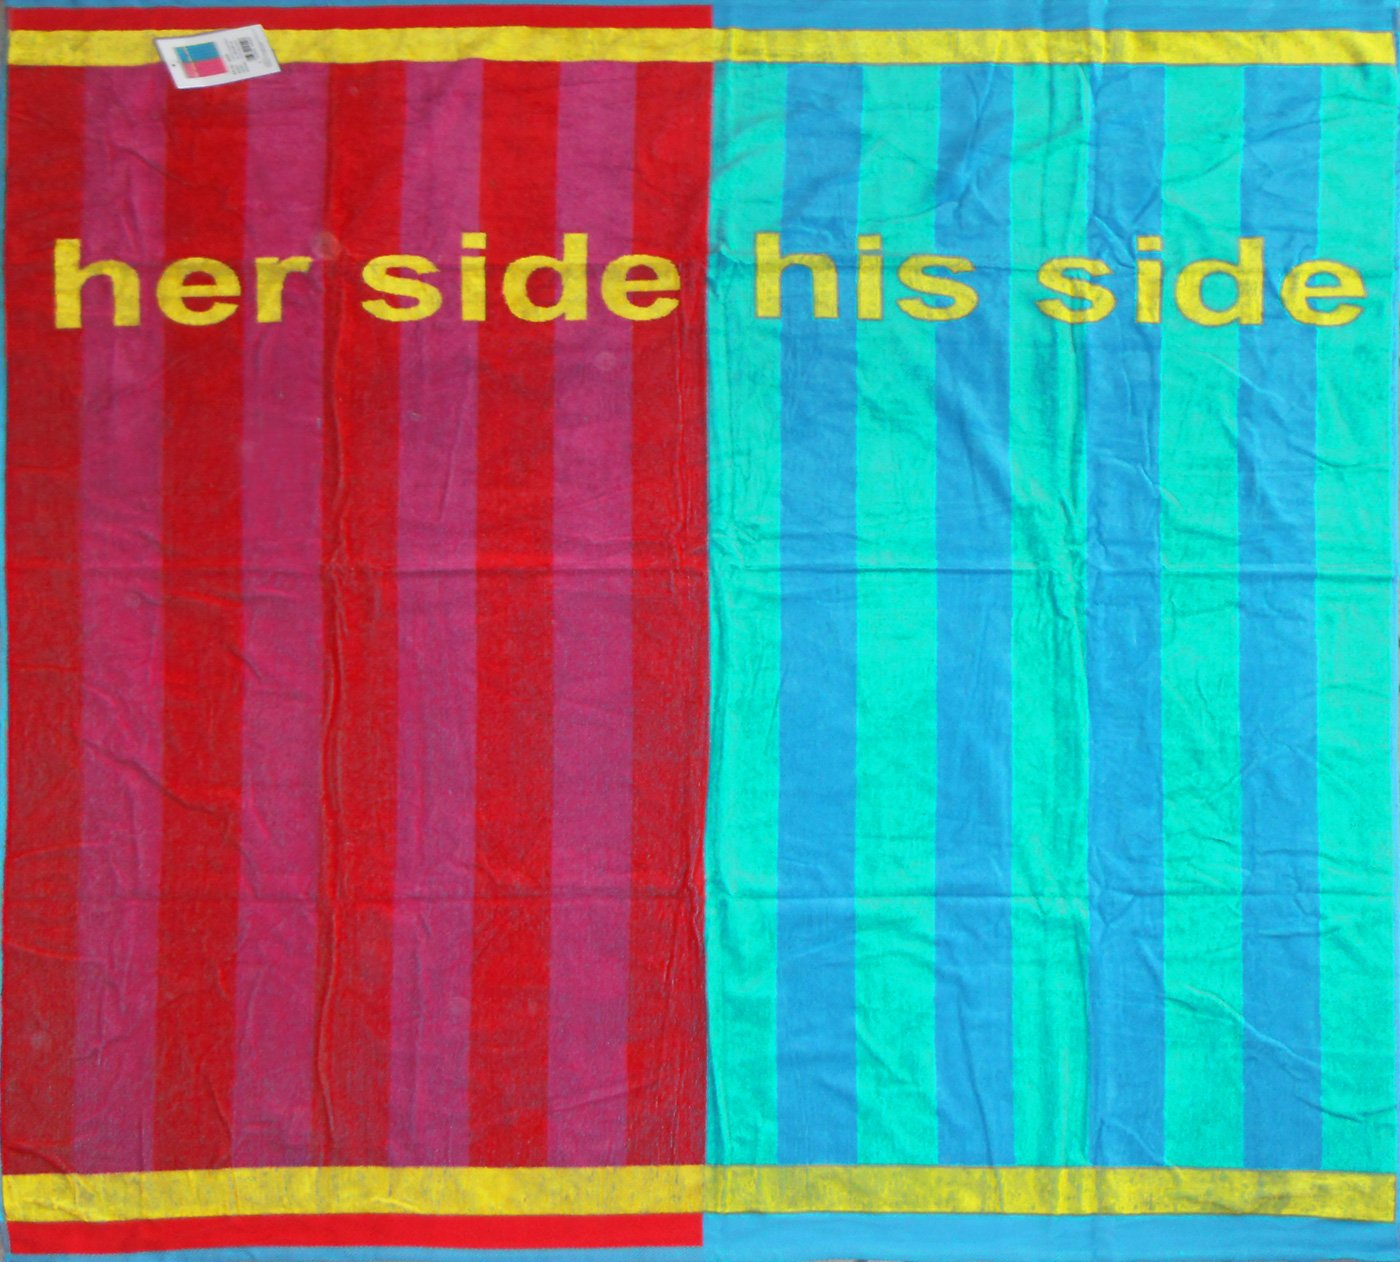 XXL Partner Medaillon, 180 x 180 cm con, extra grande, her side - his side, mullido terciopelo toallas, toalla de baño, toalla de baño: Amazon.es: Hogar